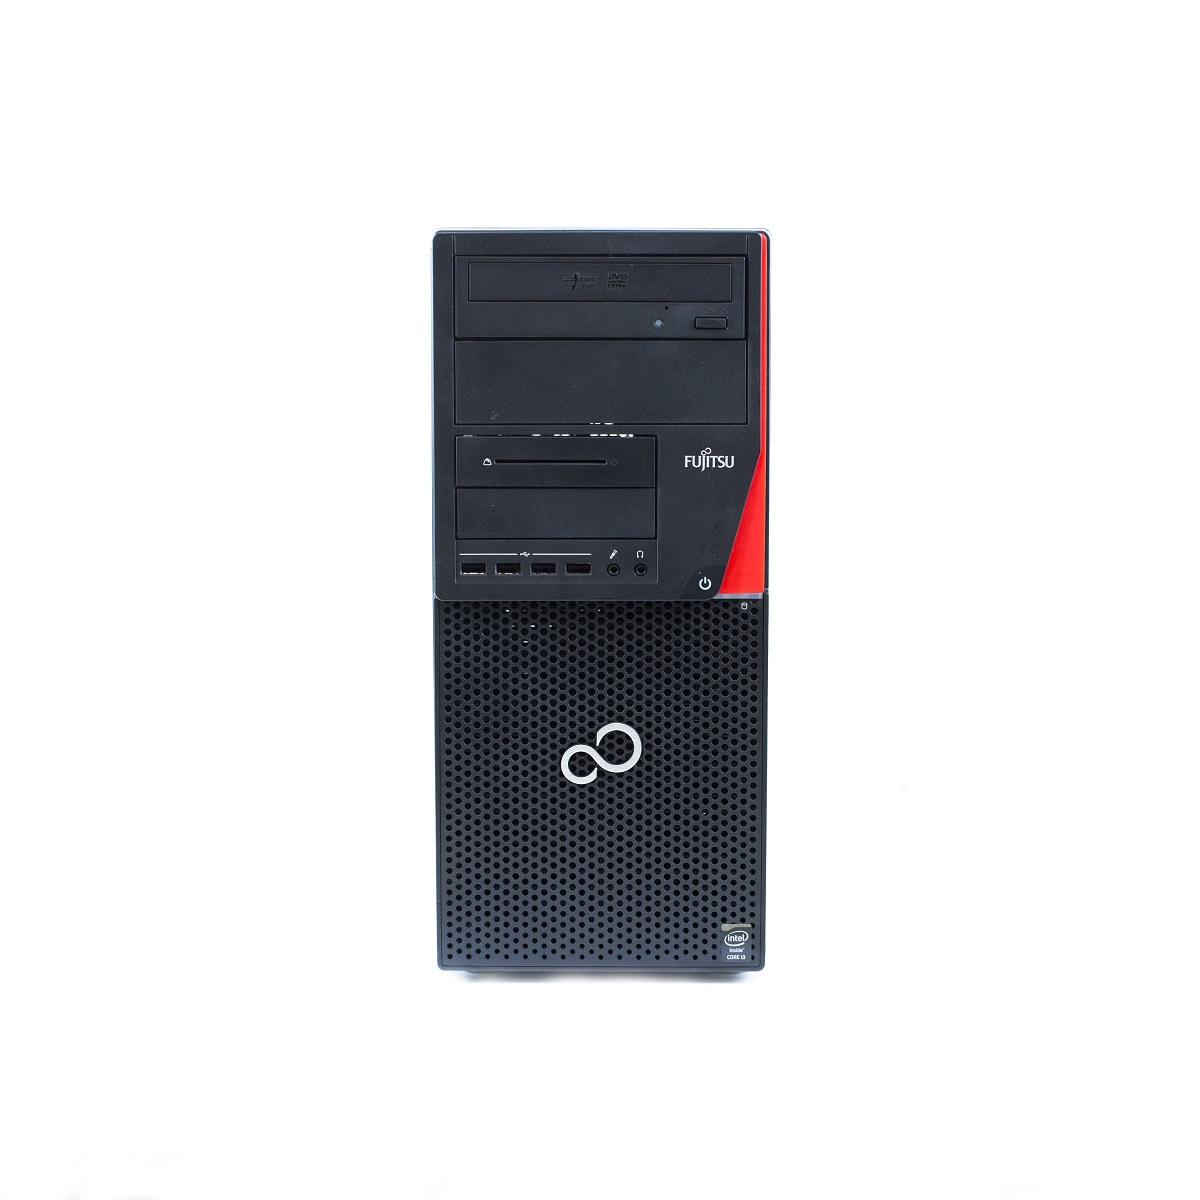 Pc refoo fujitsu p720 i5-4570 8gb ssd 256gb dvdrw windows 10 professional update garanzia 24 mesi completo di kit tastiera e mouse ed imballo personalizzato